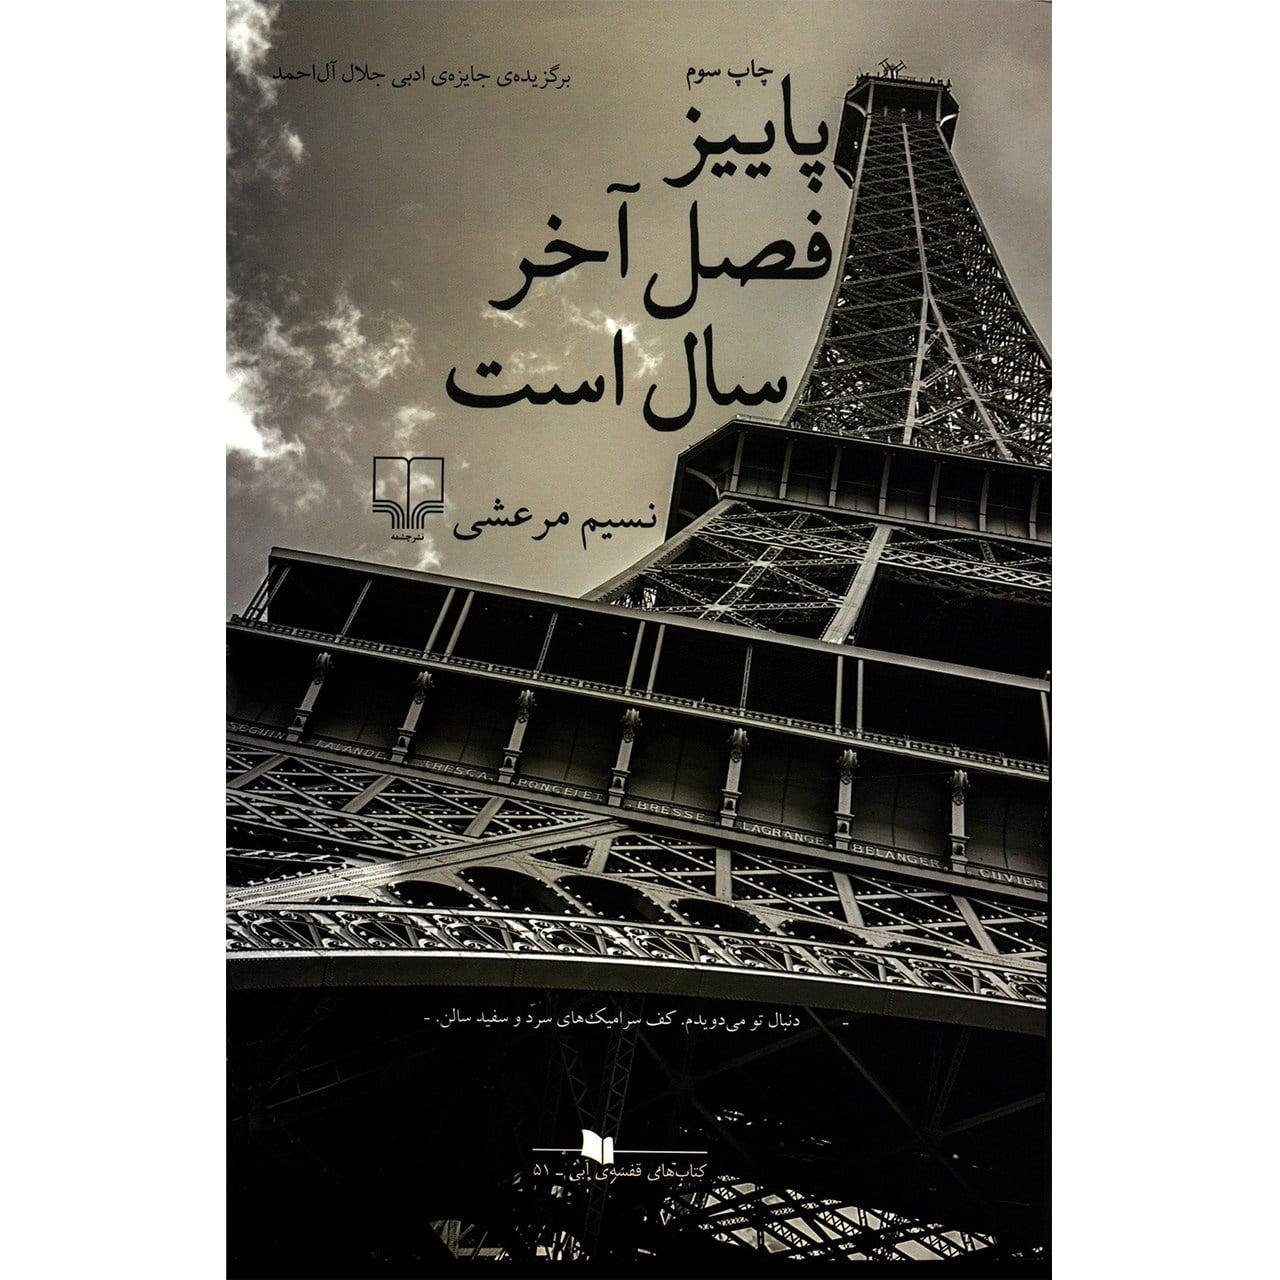 Book-Nashr-Cheshmeh-Paeiz-Phasle-Ahkar-Sal-Ast166cac